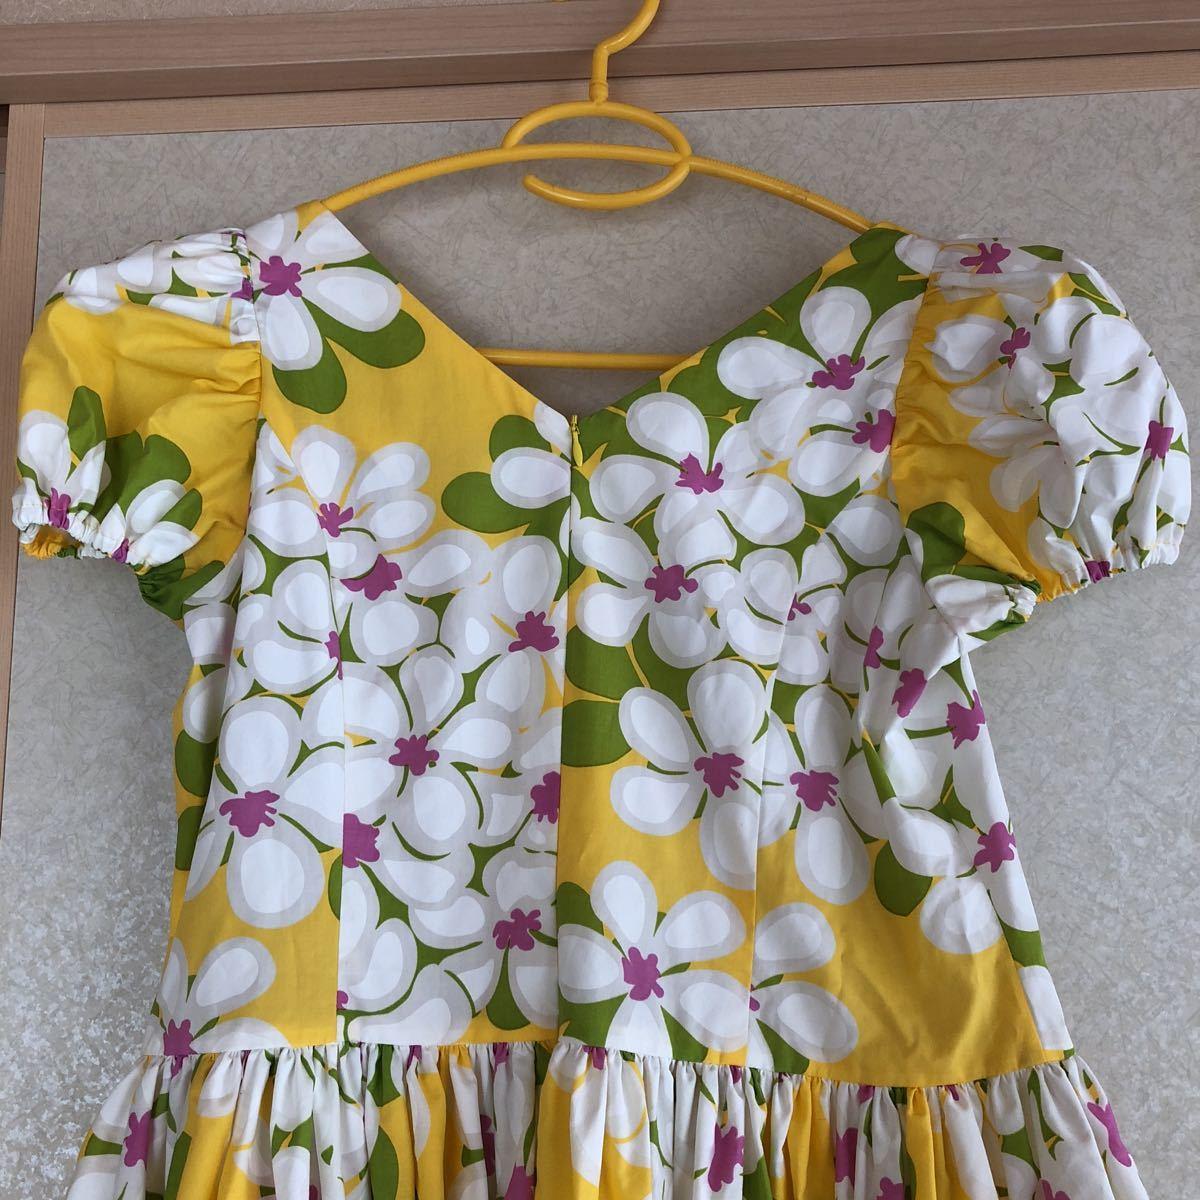 メネフネプランテーション フラダンス フラ ハワイアン ワンピース ドレス 黄色 プルメリア アロハ_画像6